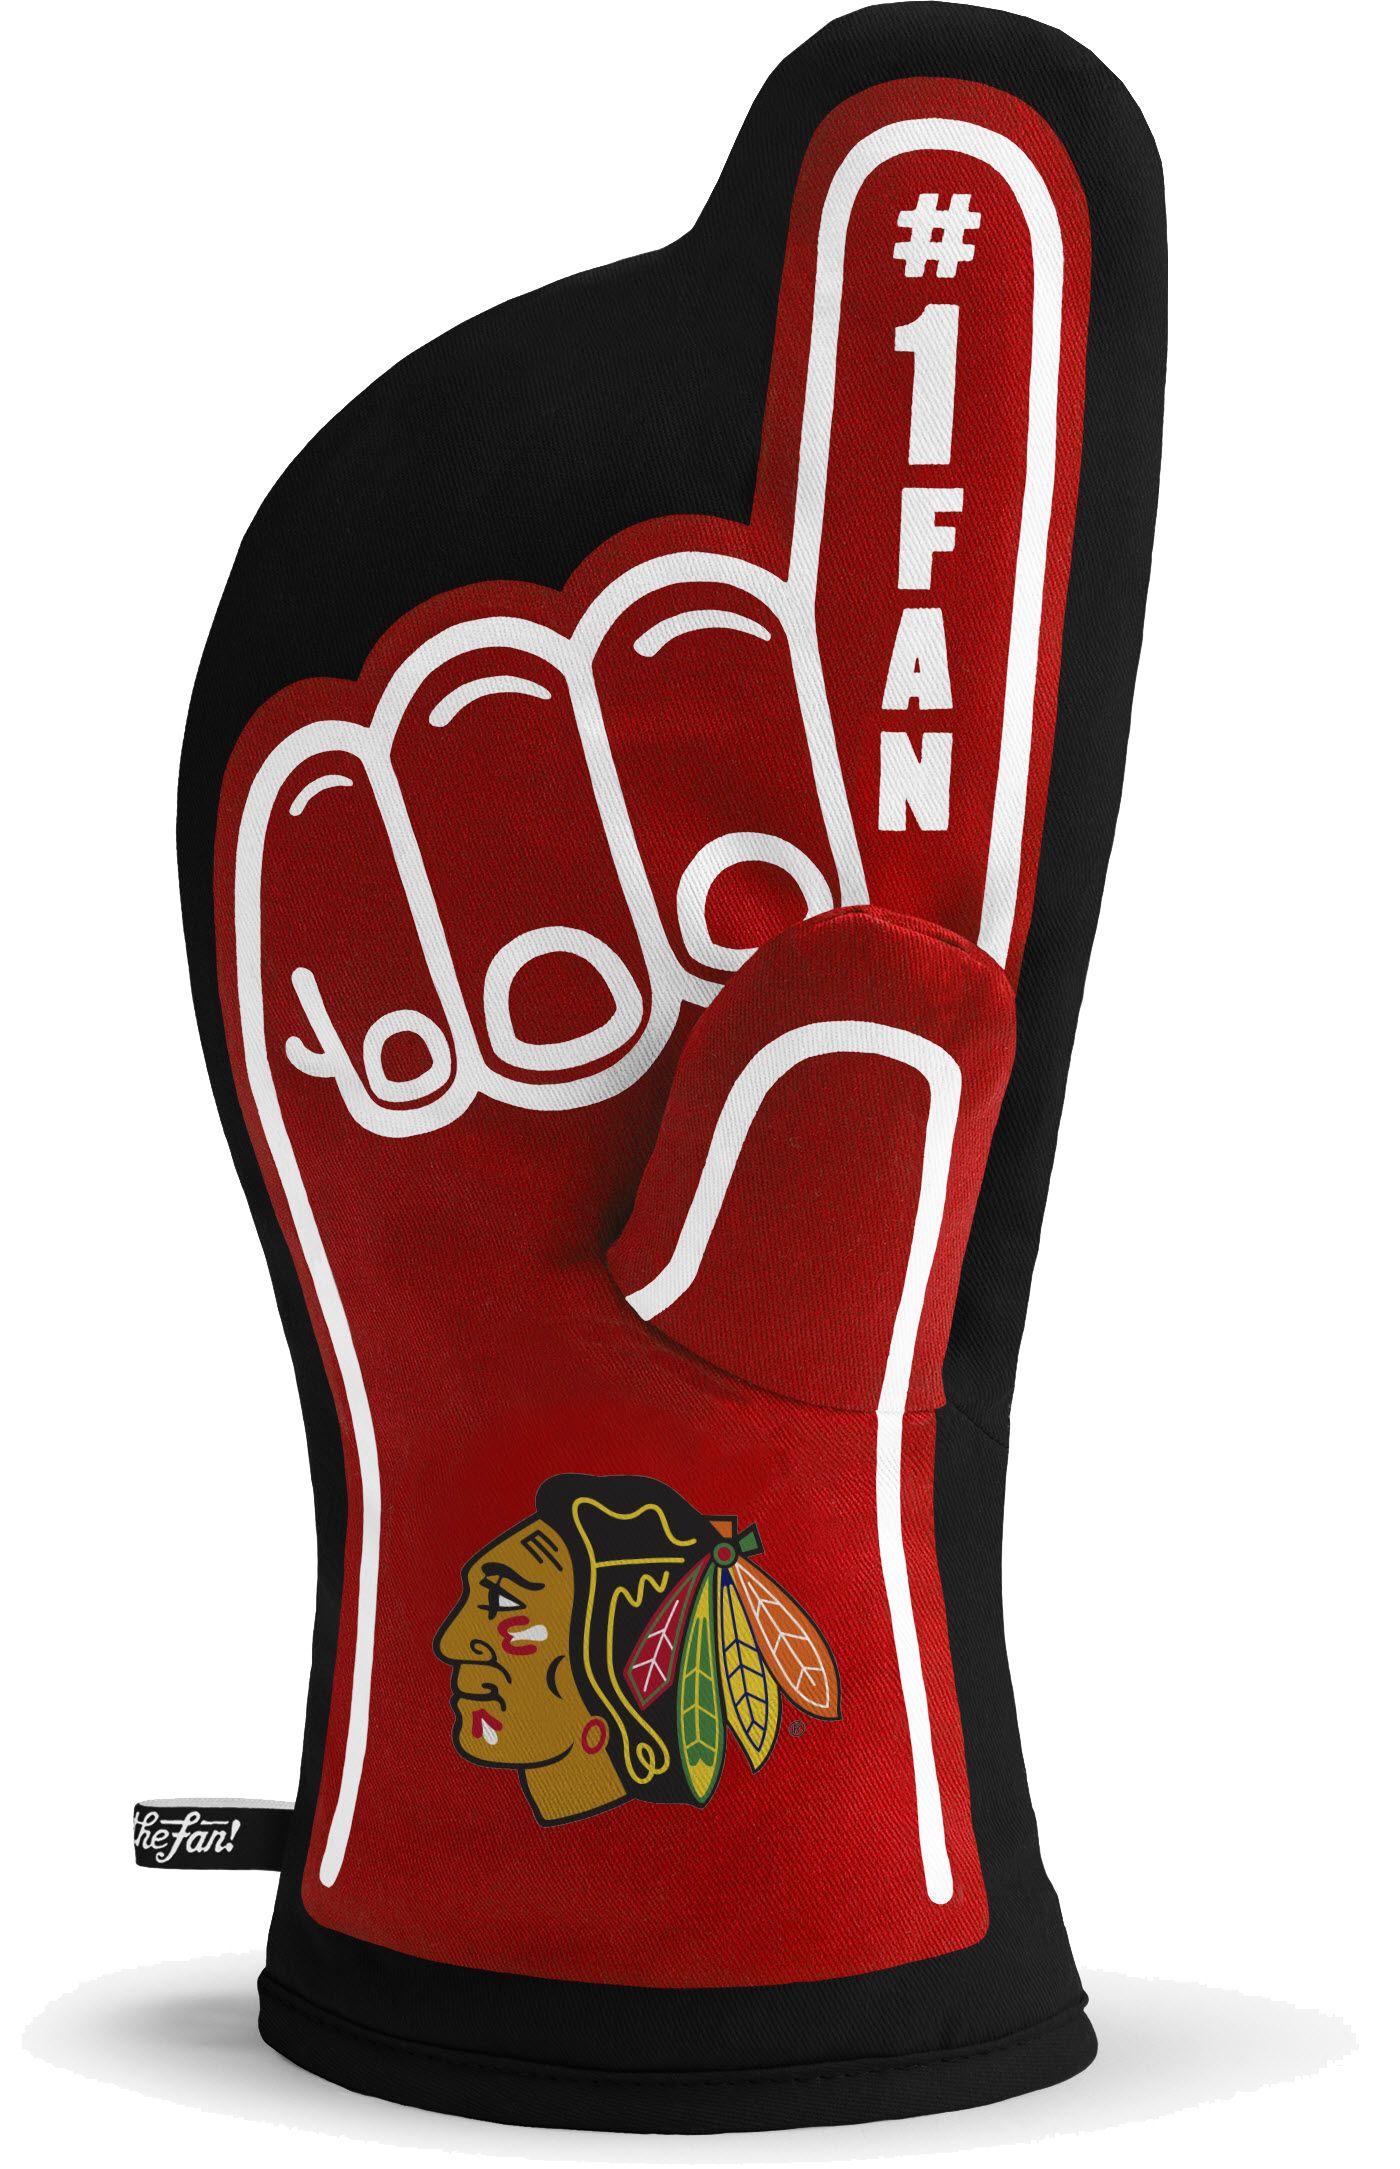 You The Fan Chicago Blackhawks #1 Oven Mitt